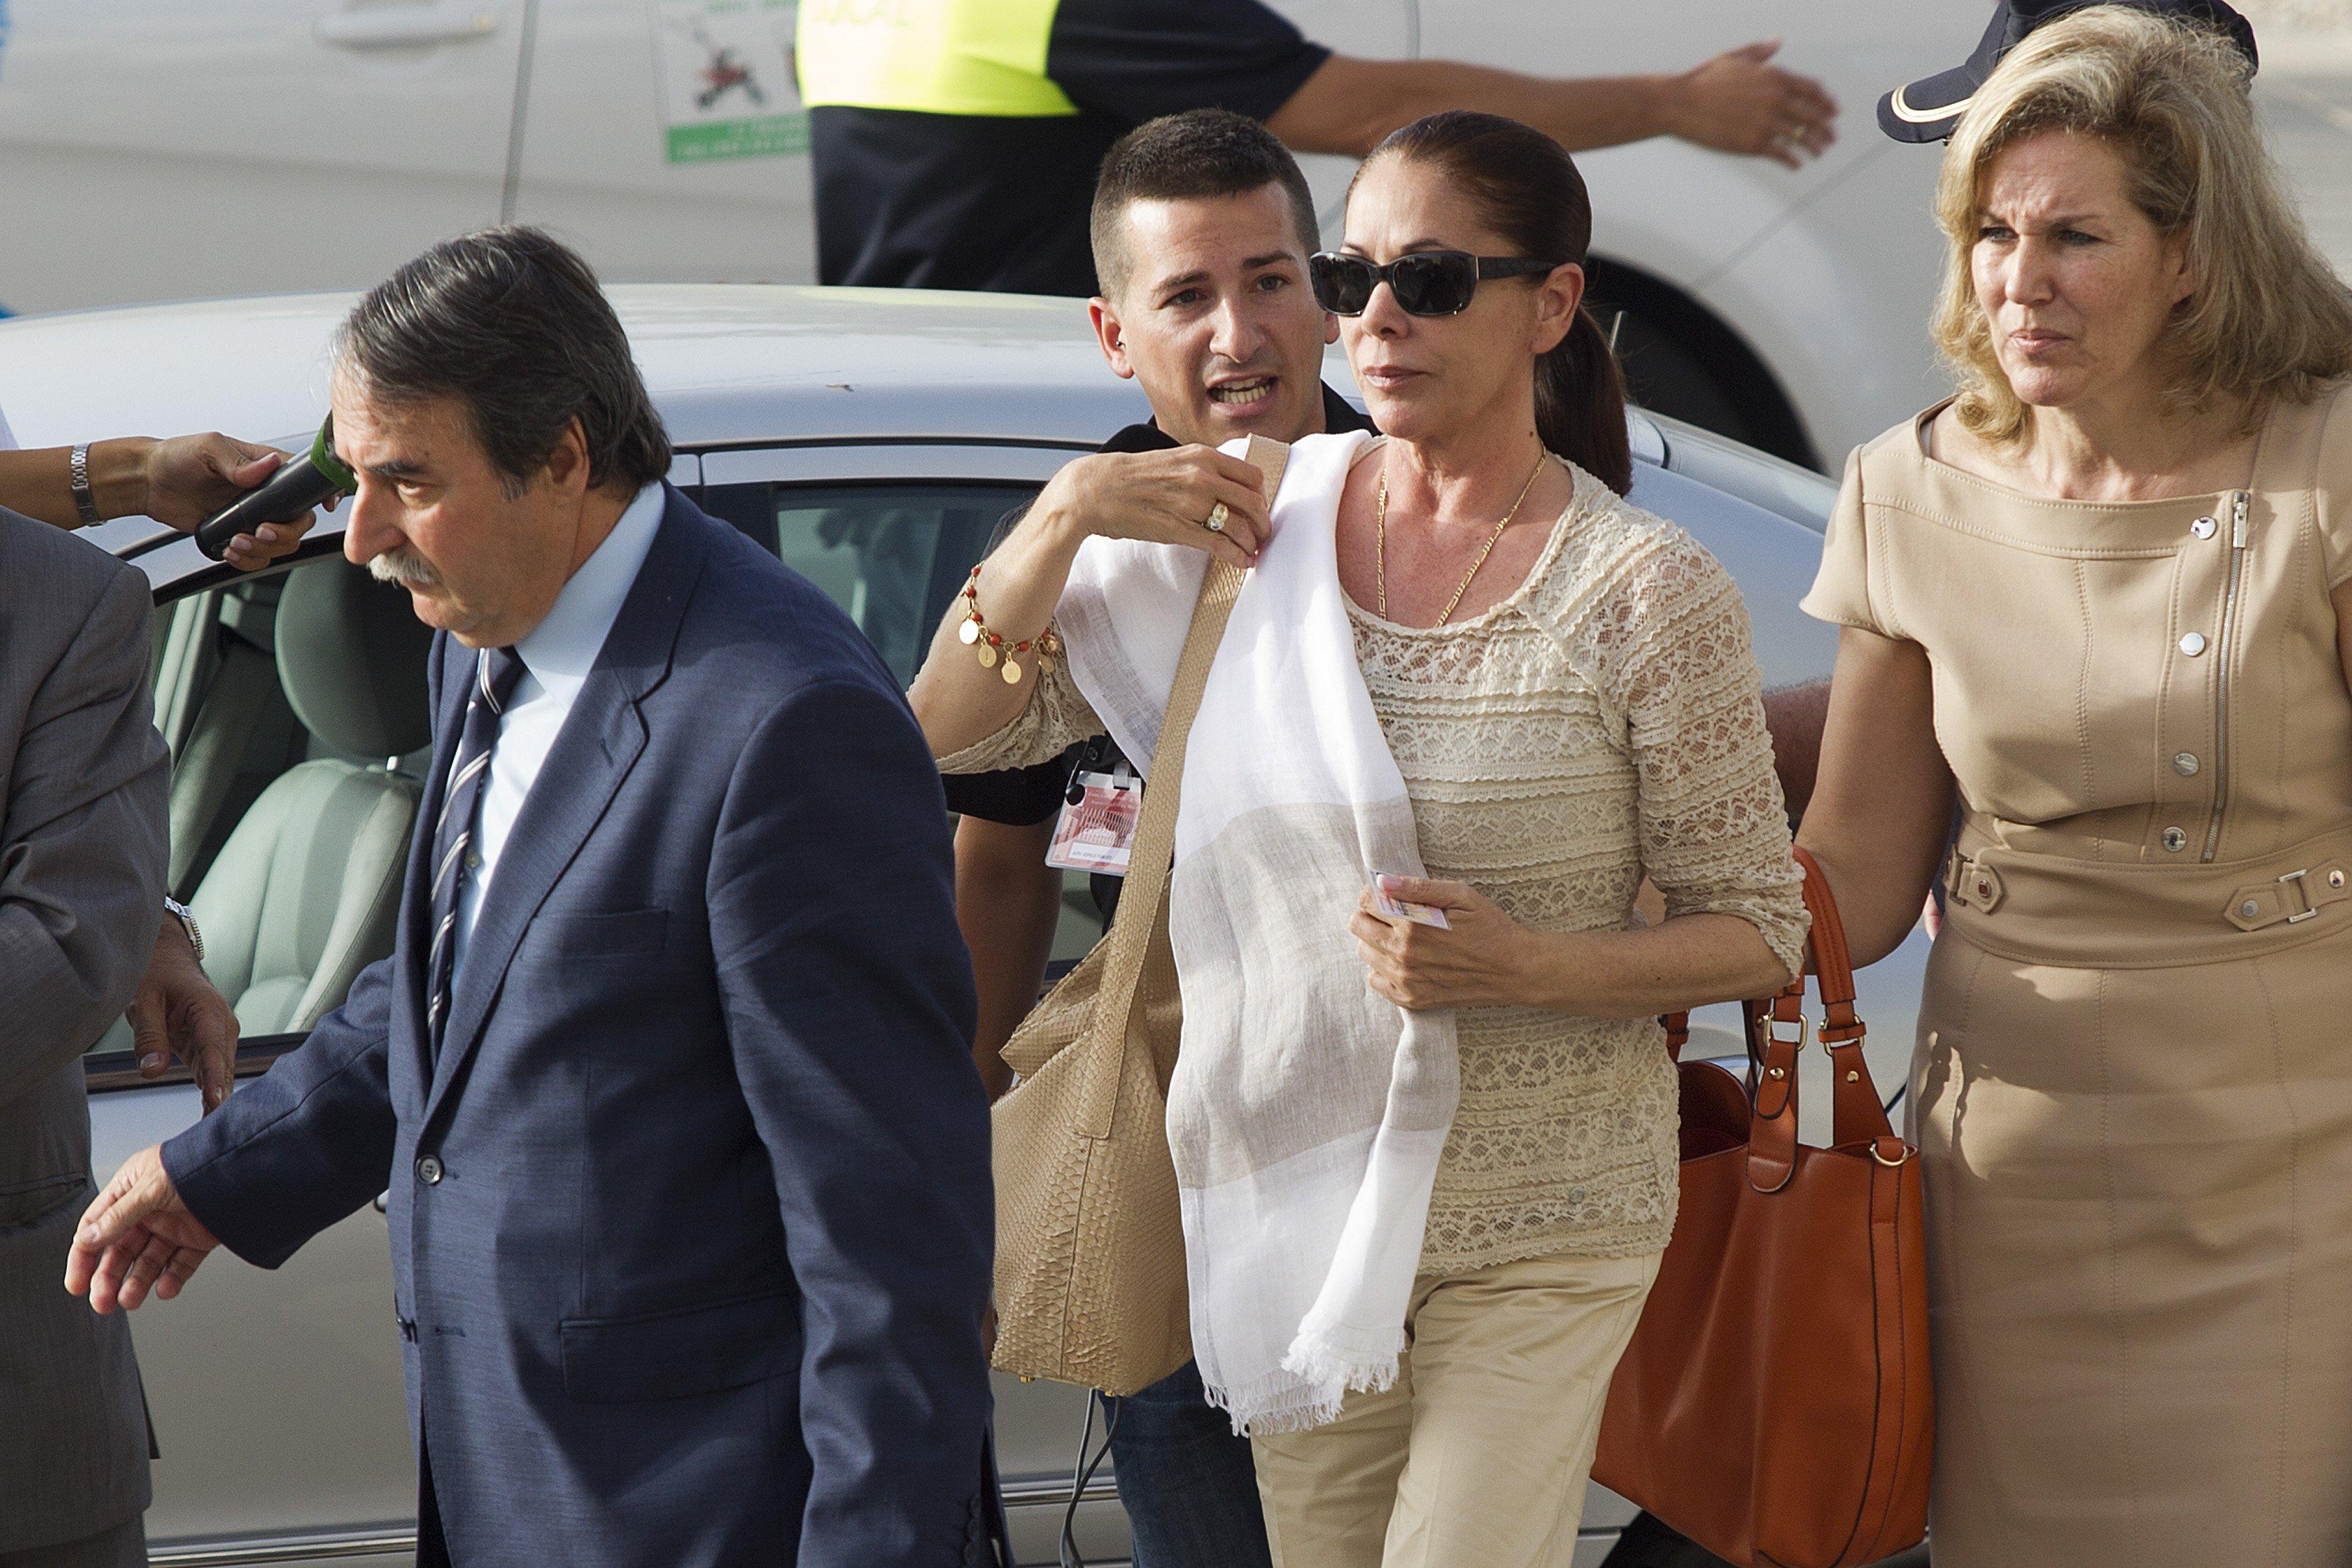 Isabel Pantoja y Julián Muñoz asisten al juicio de corrupción por el caso Malaya en 2012. | Fuente: Getty Images